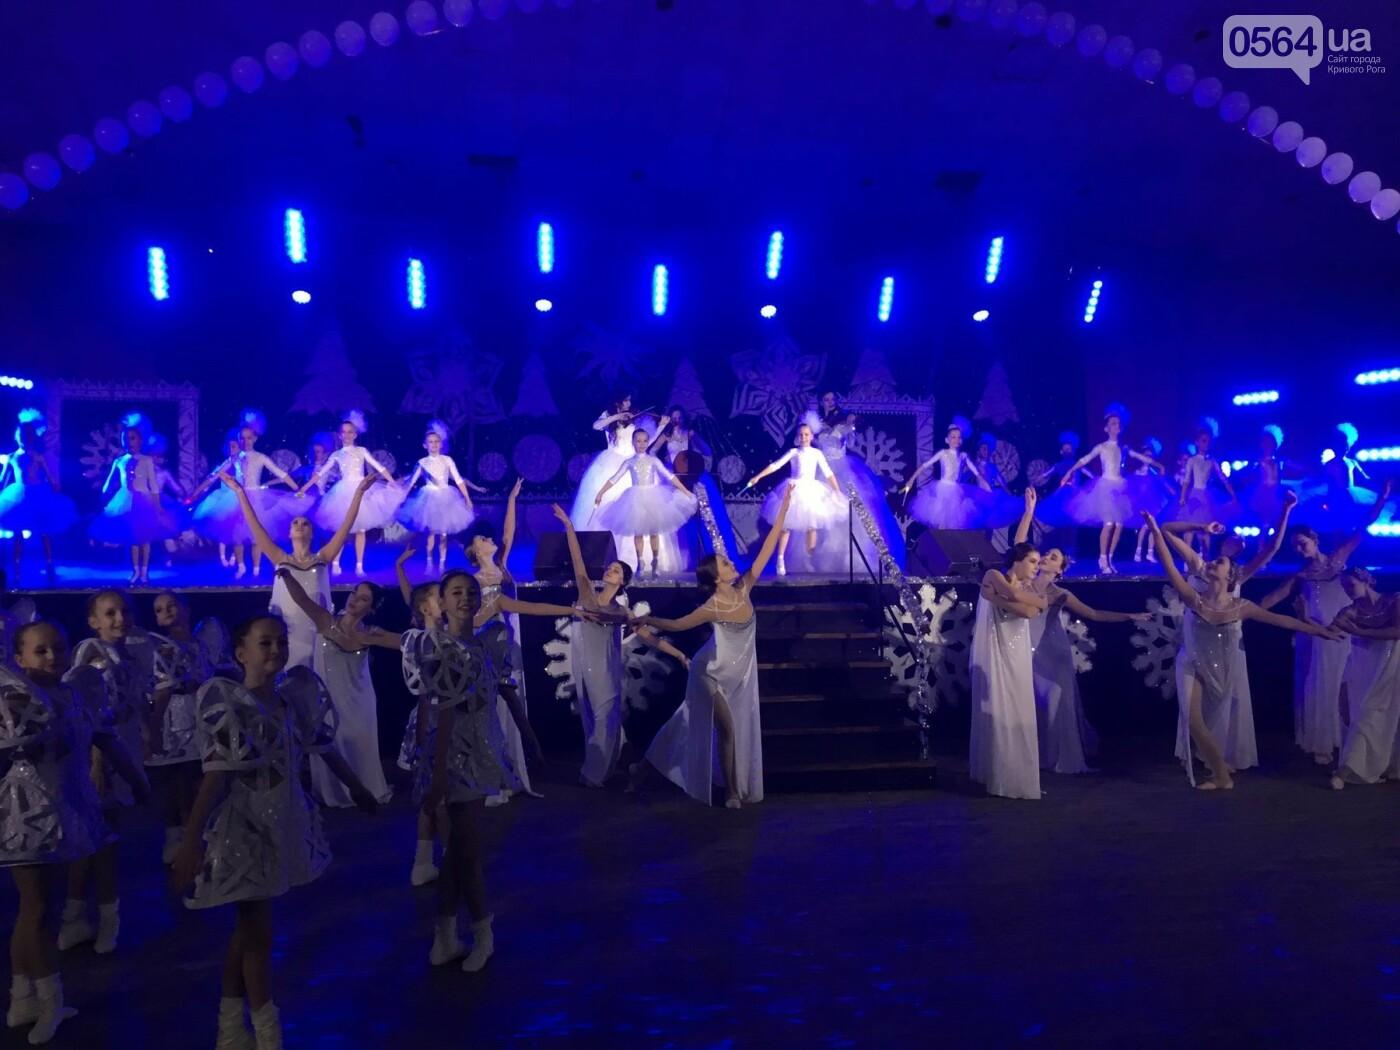 """В Кривом Роге на """"Главной елке"""" поздравили более 1,5 тысячи юных криворожан, - ФОТО, ВИДЕО, фото-9"""